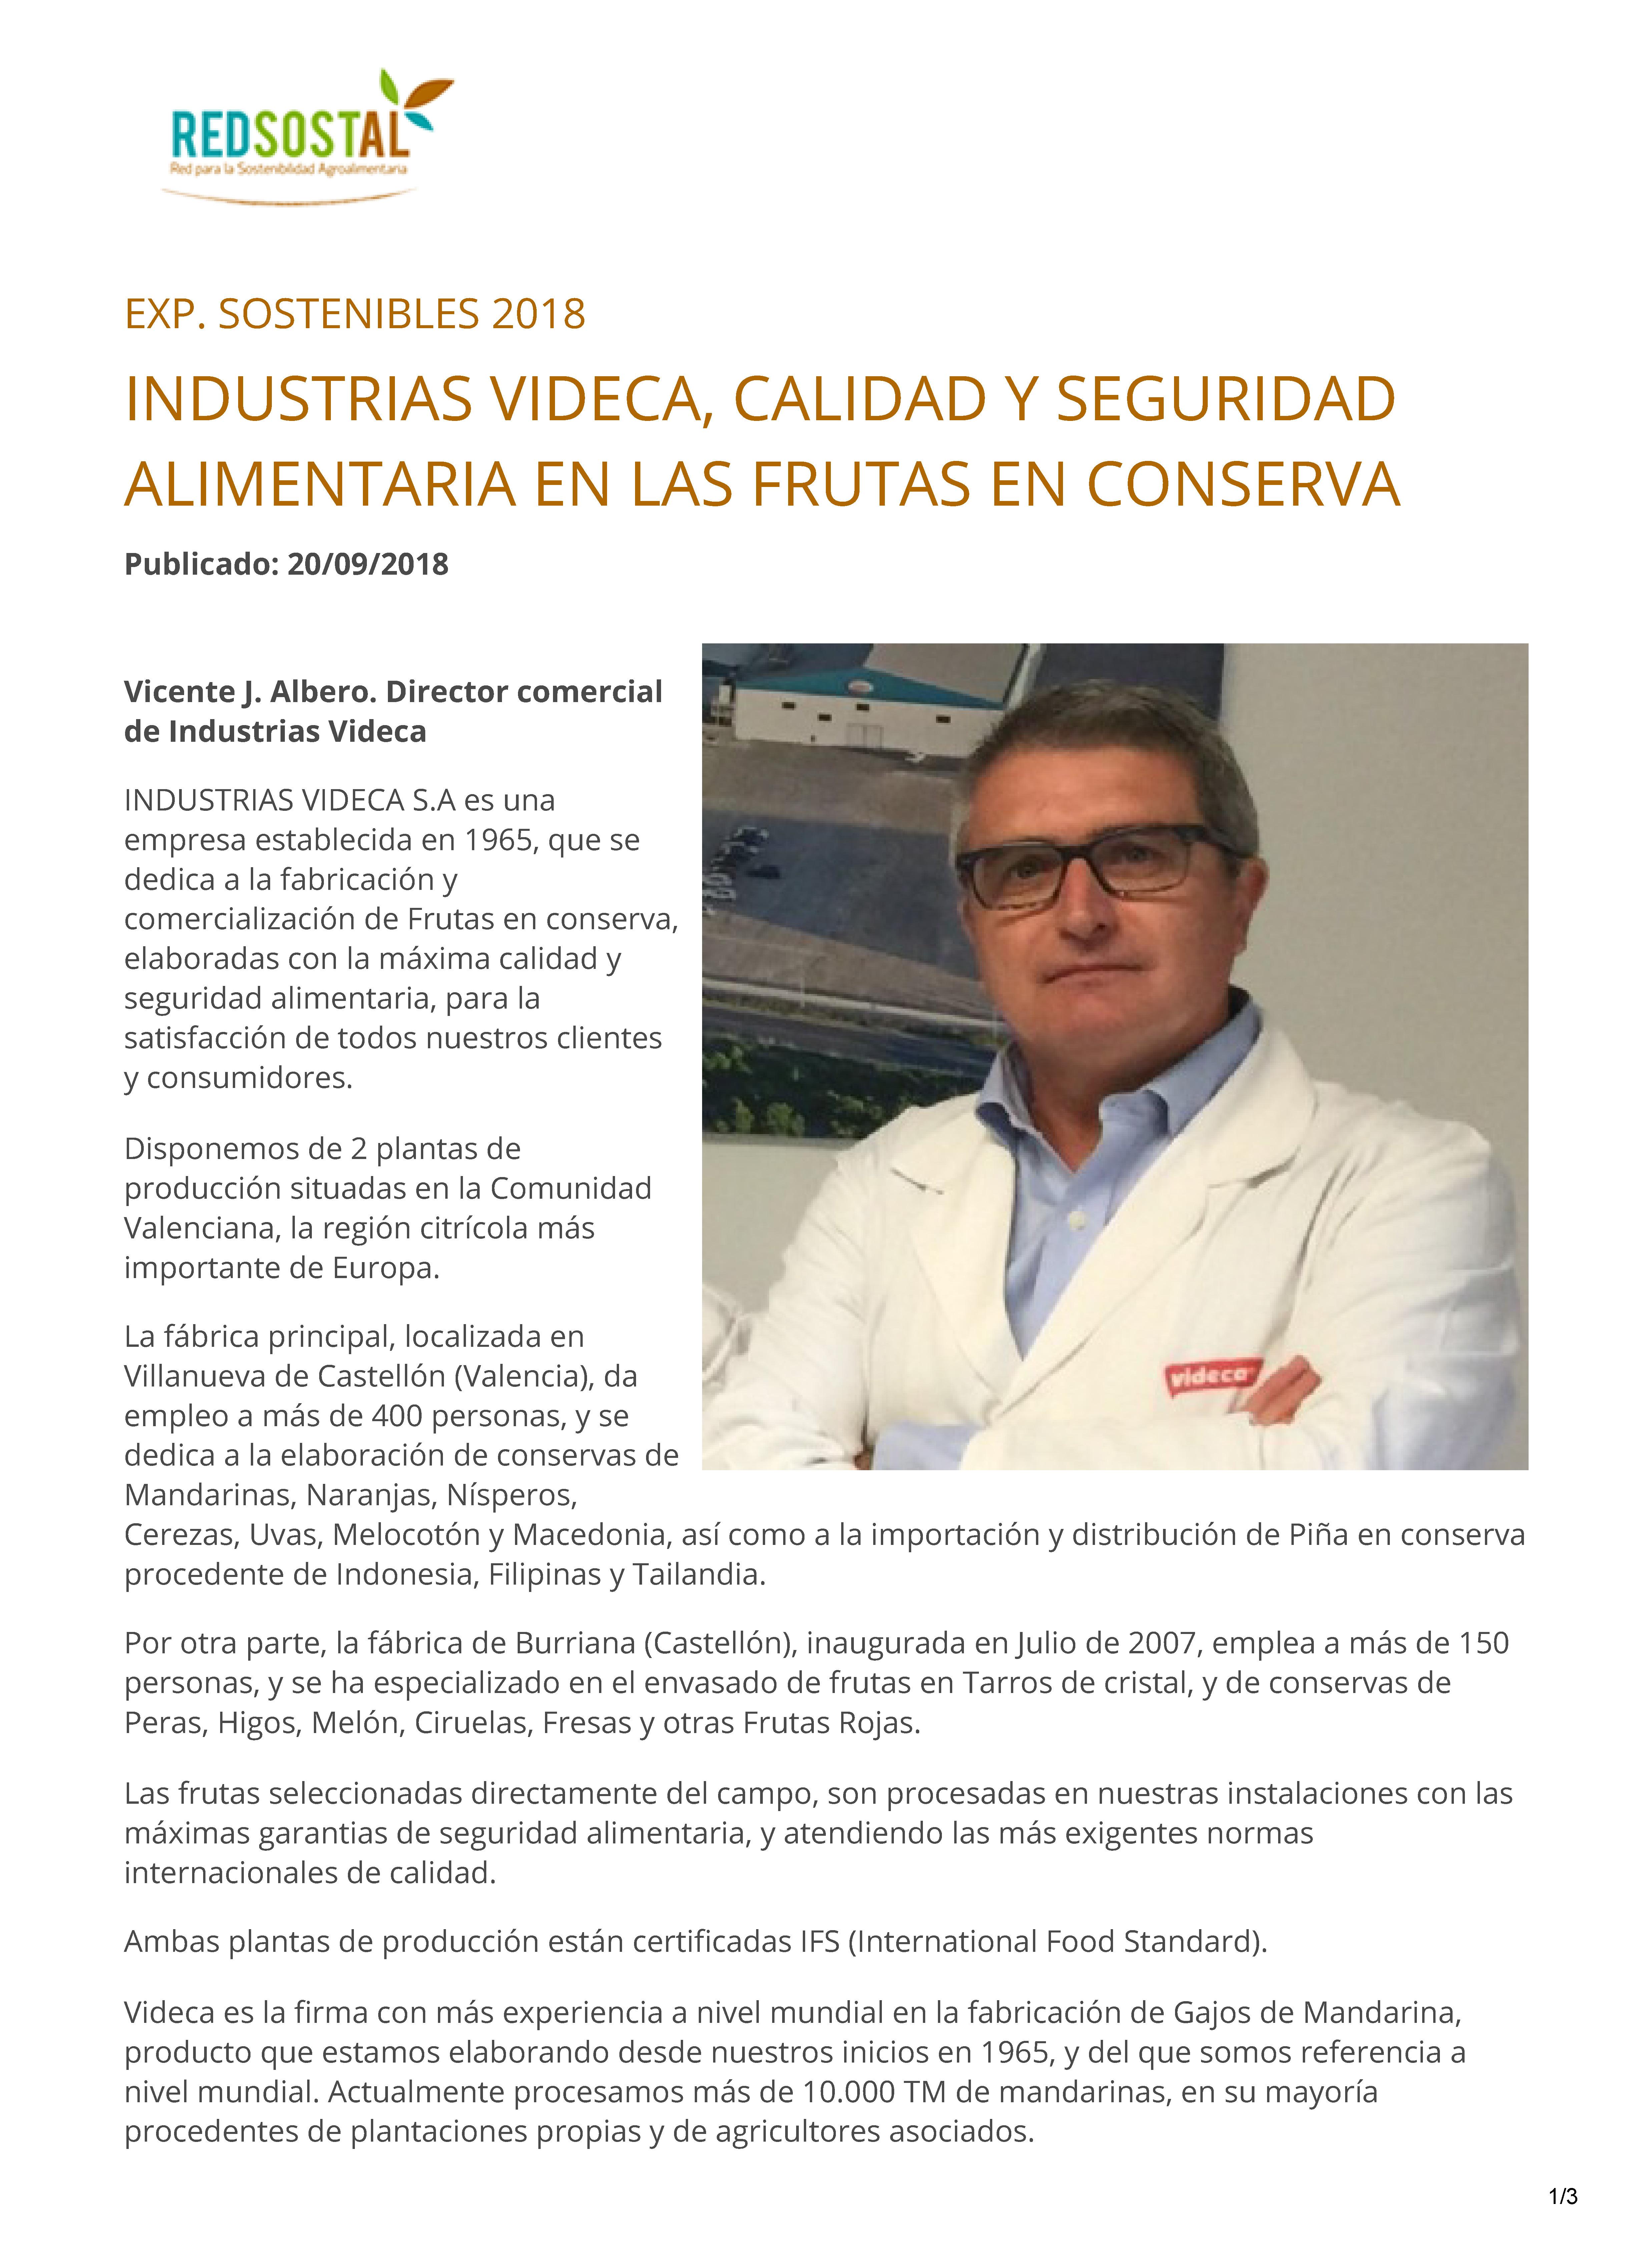 VIDECA Exp. Sostenibles 2018 Plataforma de Sostenibilidad Integral Agroalimentaria - Redsostal_Página_1